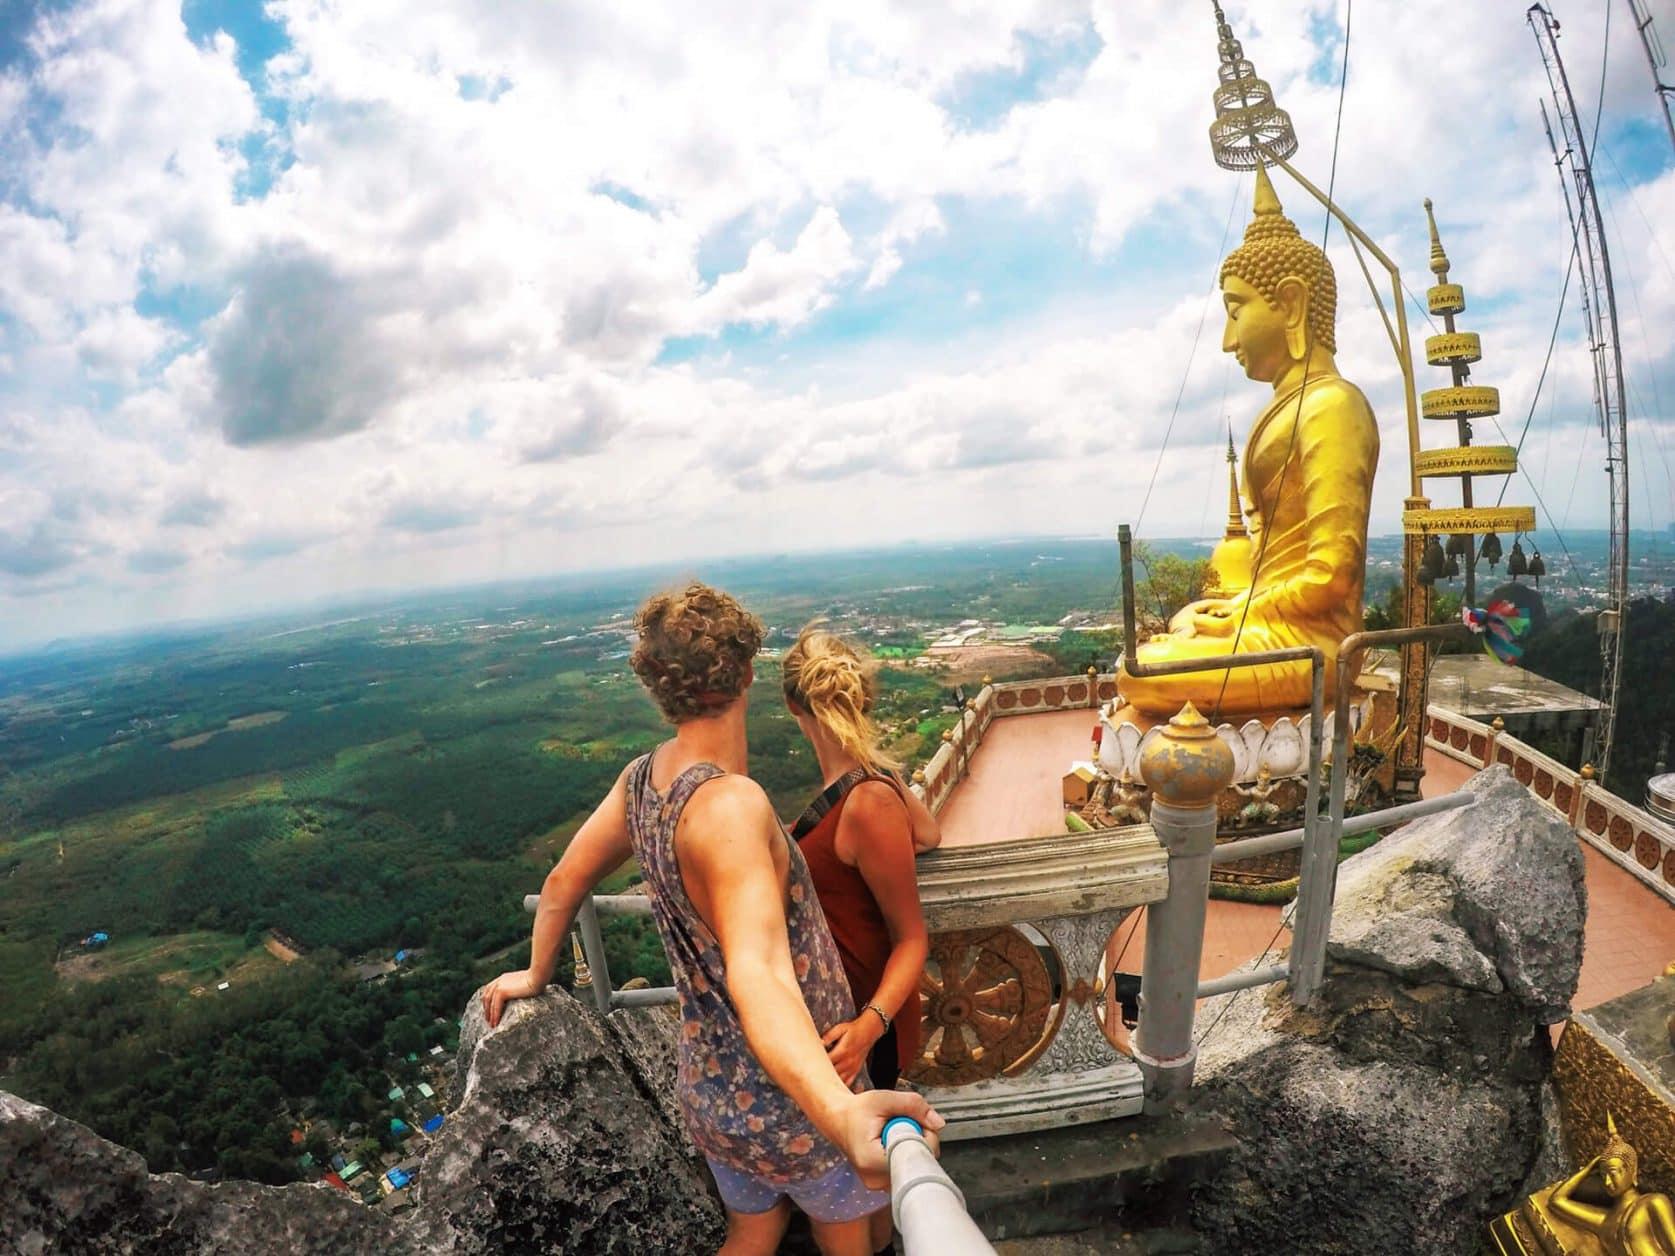 Tiger cave tempel reisjunk